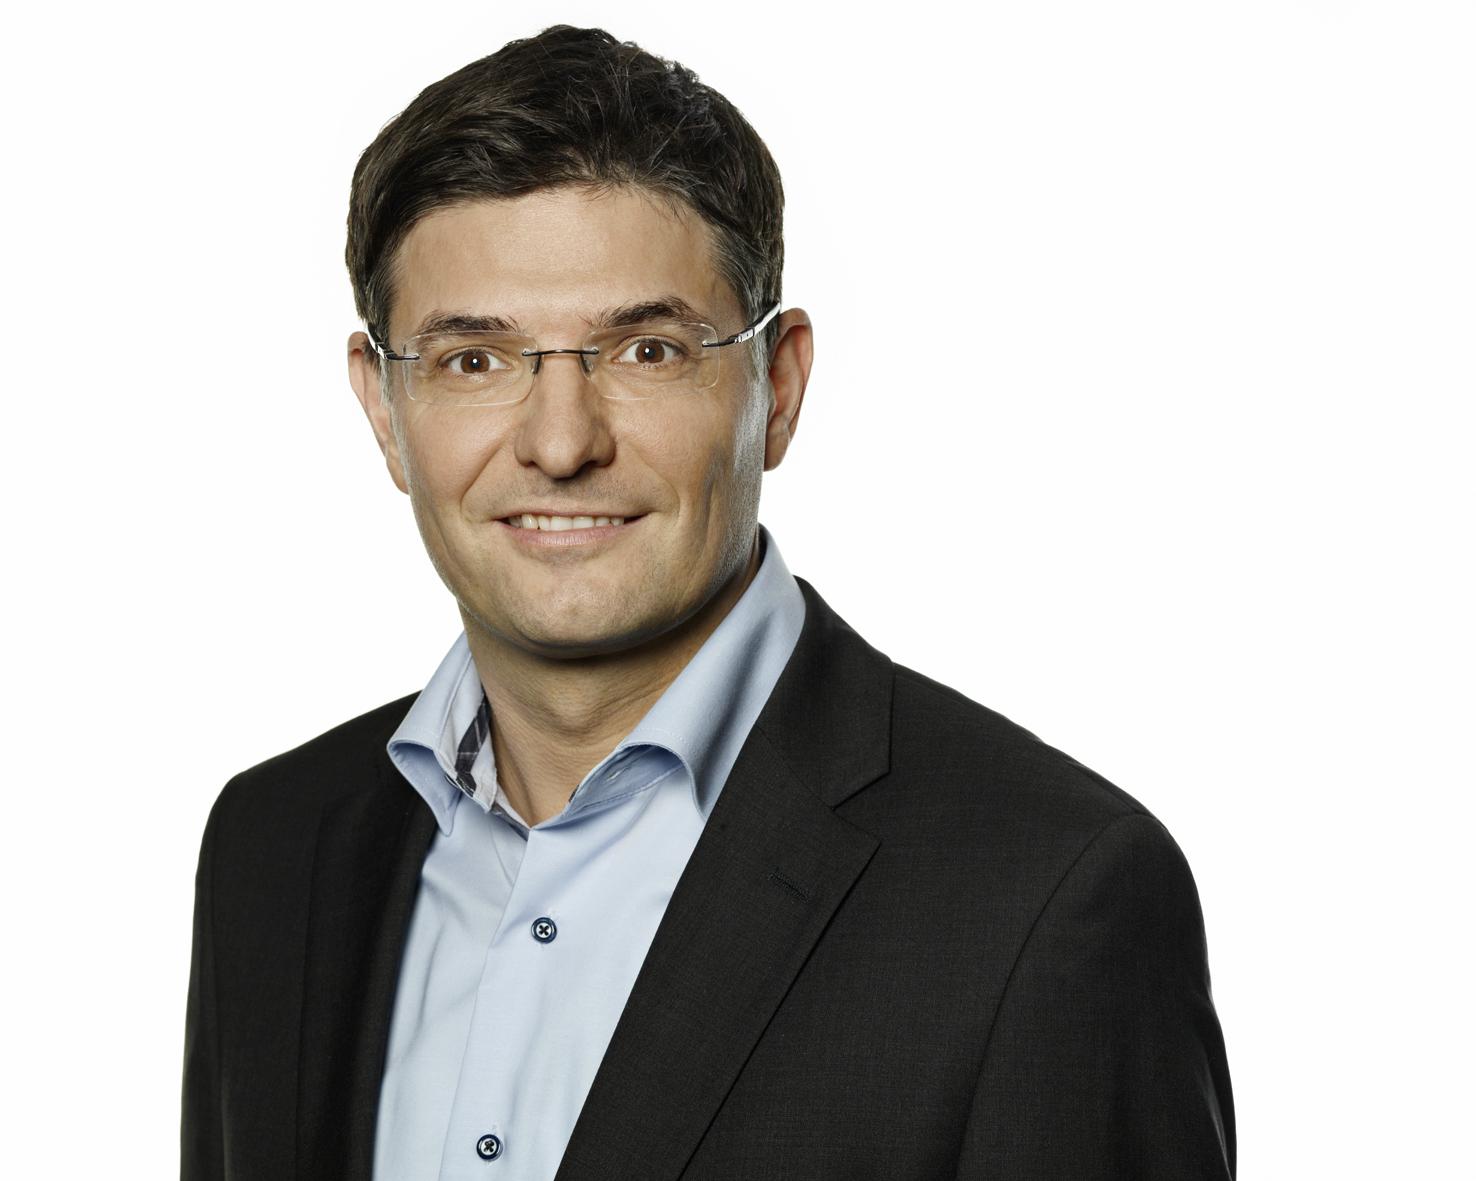 Lasse Heje Pedersen